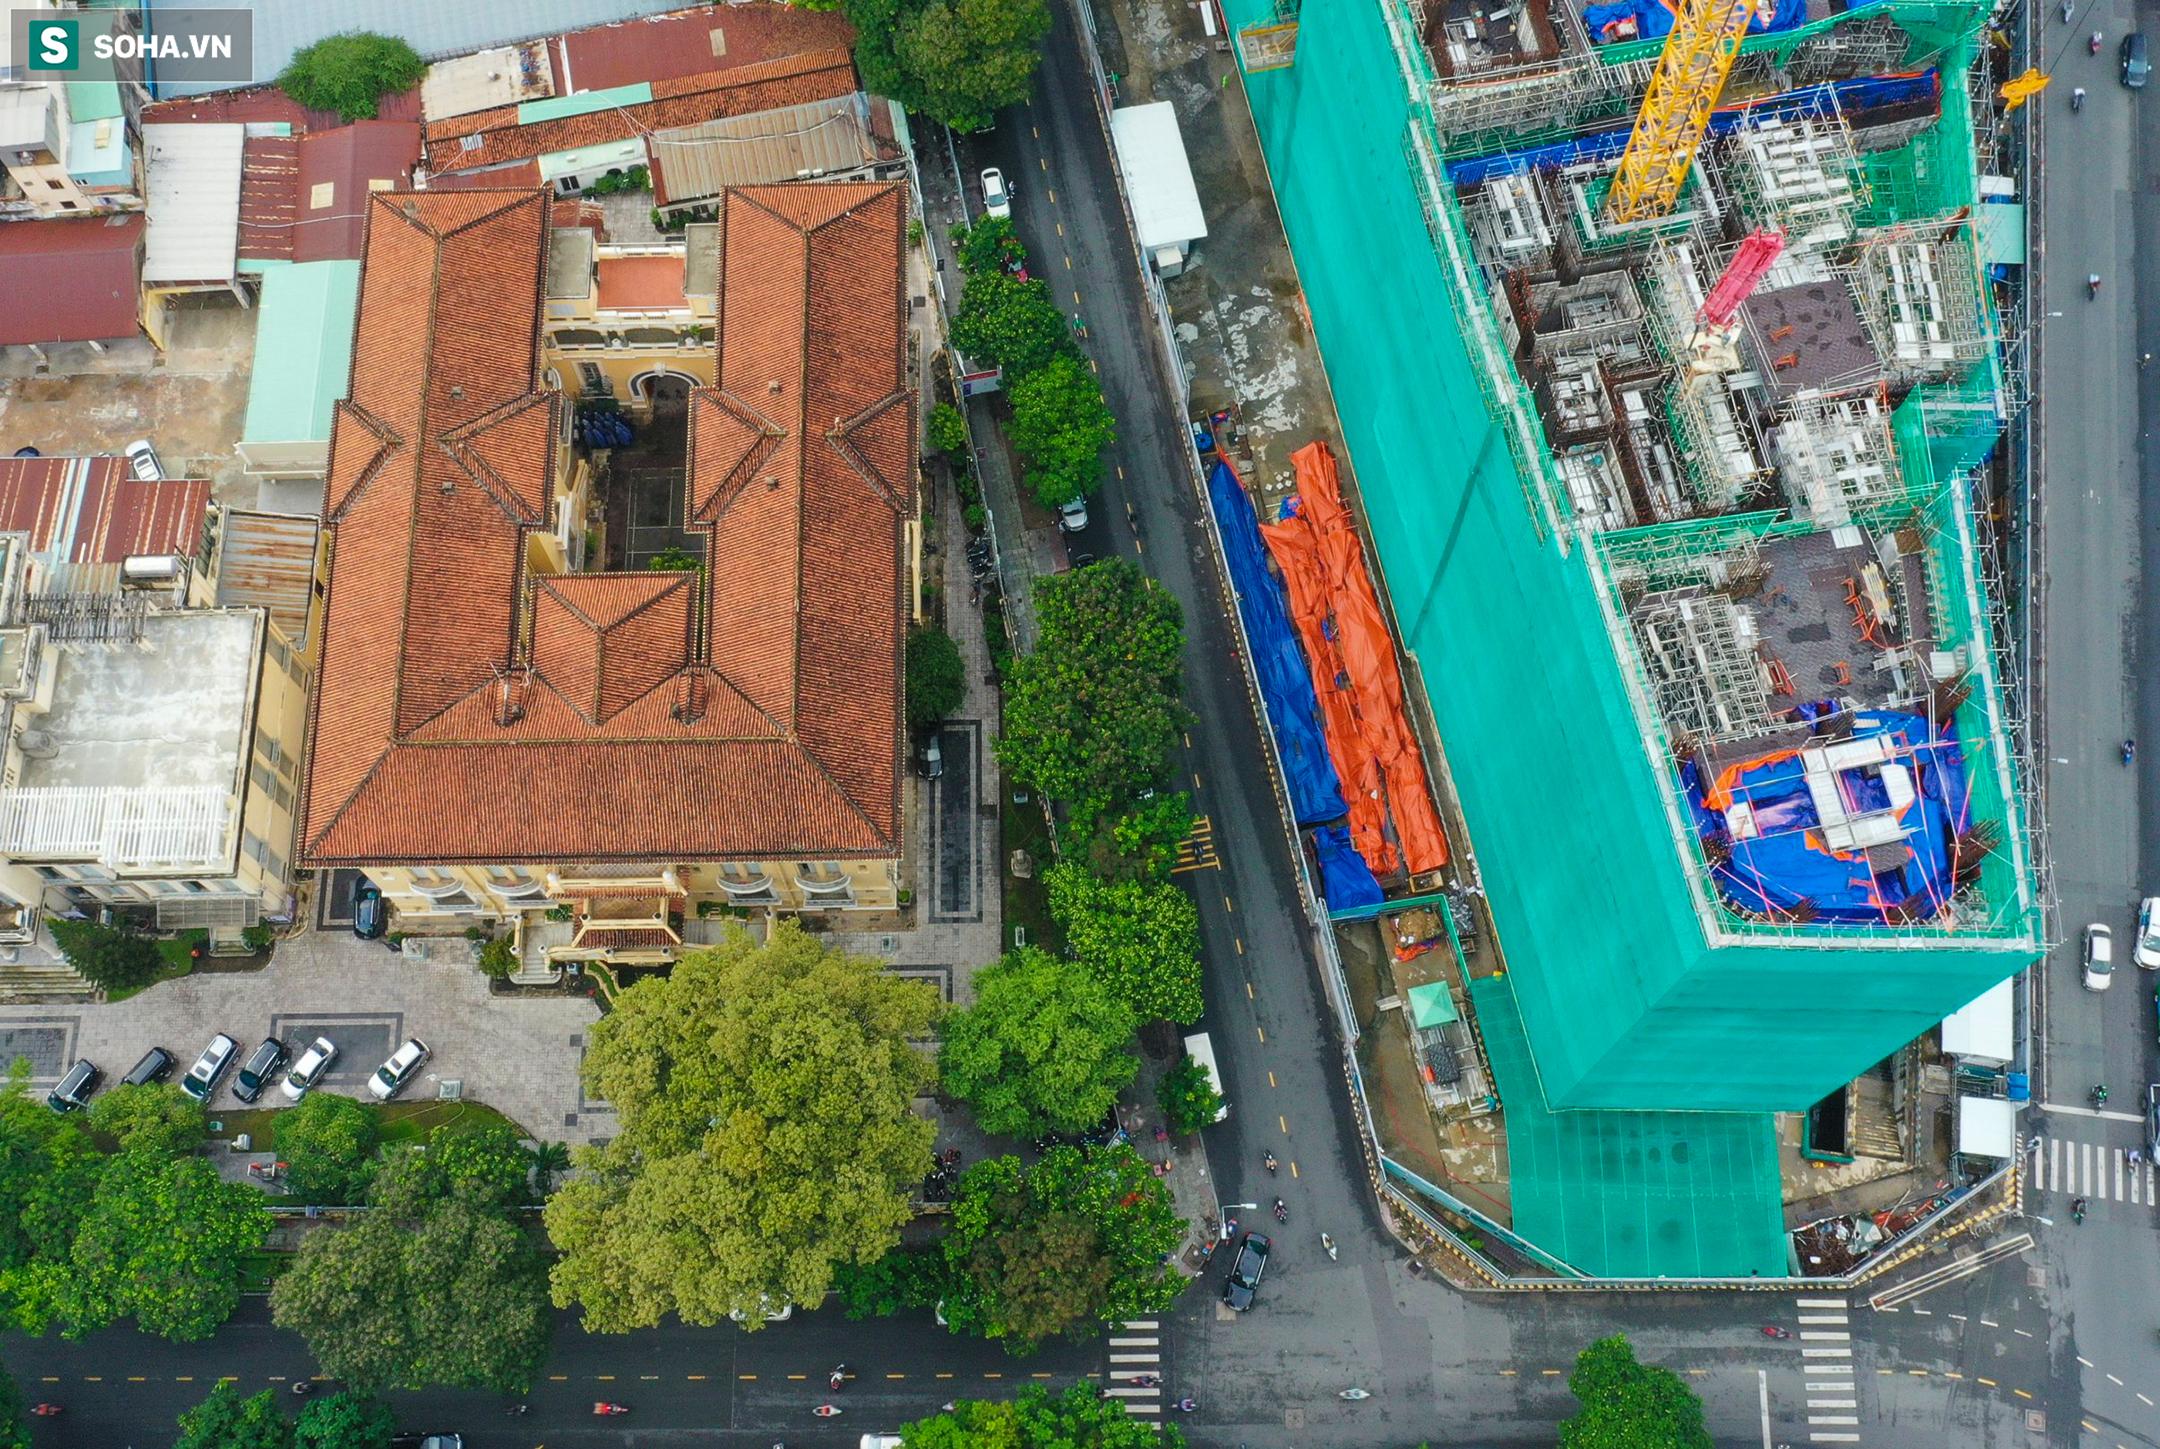 Dự án tứ giác Bến Thành có vị trí đắc địa bậc nhất TP.HCM thi công gây lún nứt Bảo tàng Mỹ thuật - Ảnh 1.